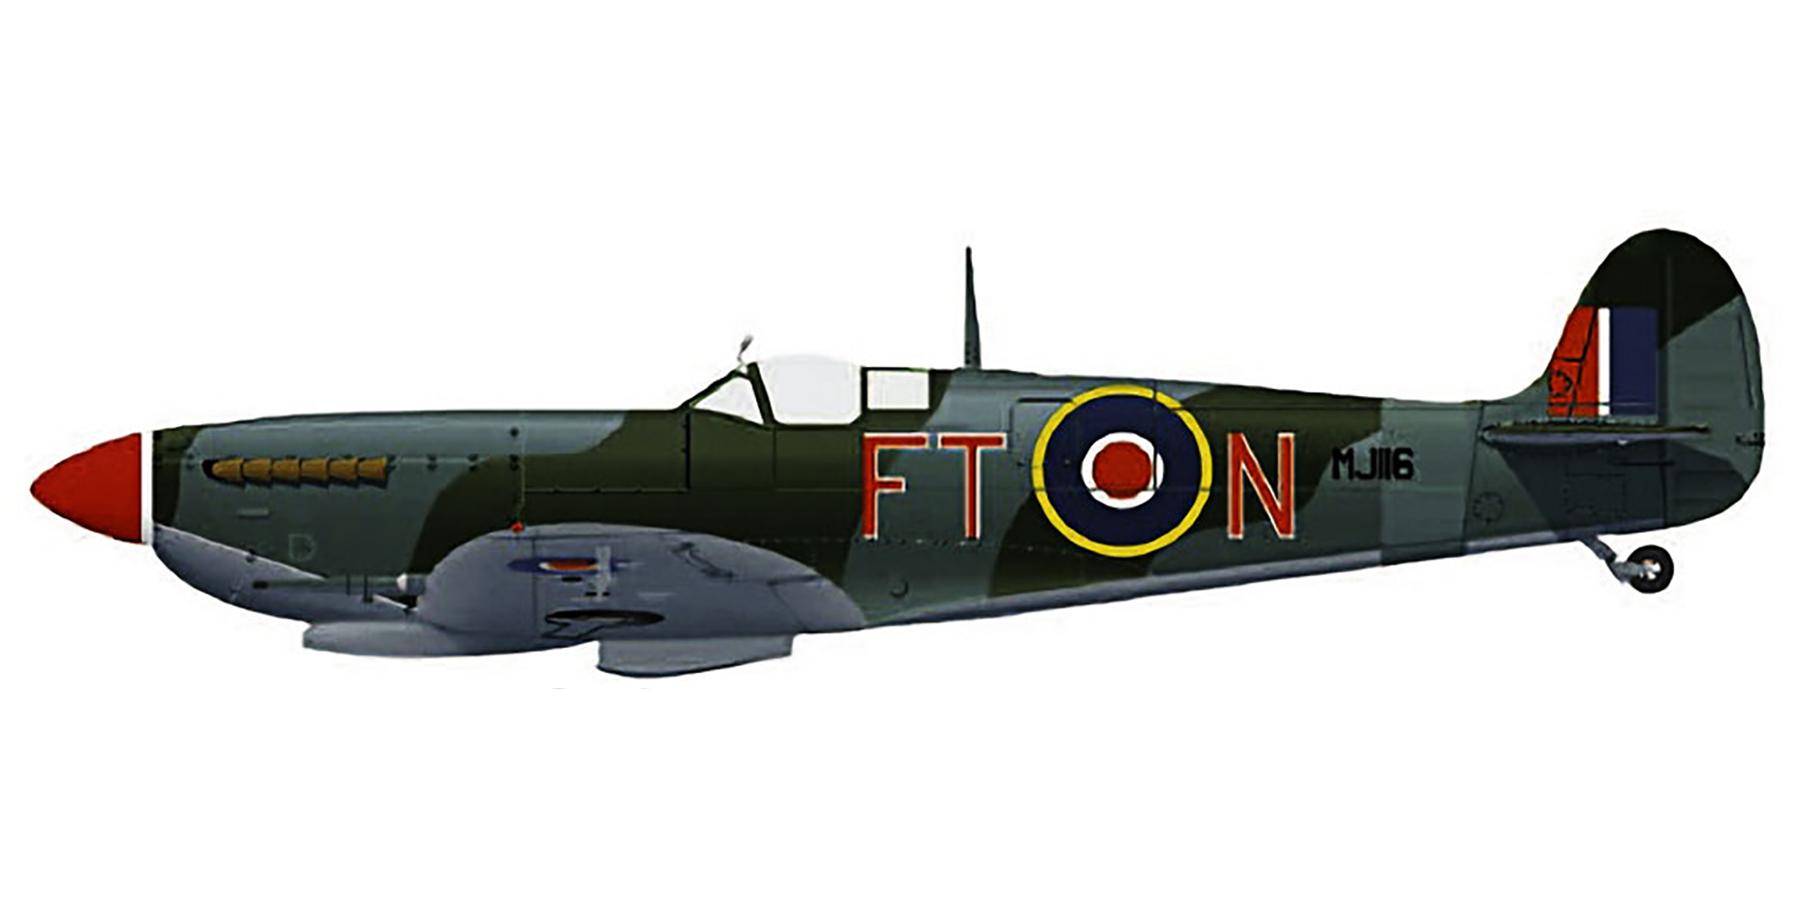 Spitfire LFIX RAF 43Sqn FTN MJ116 France 1944 0A